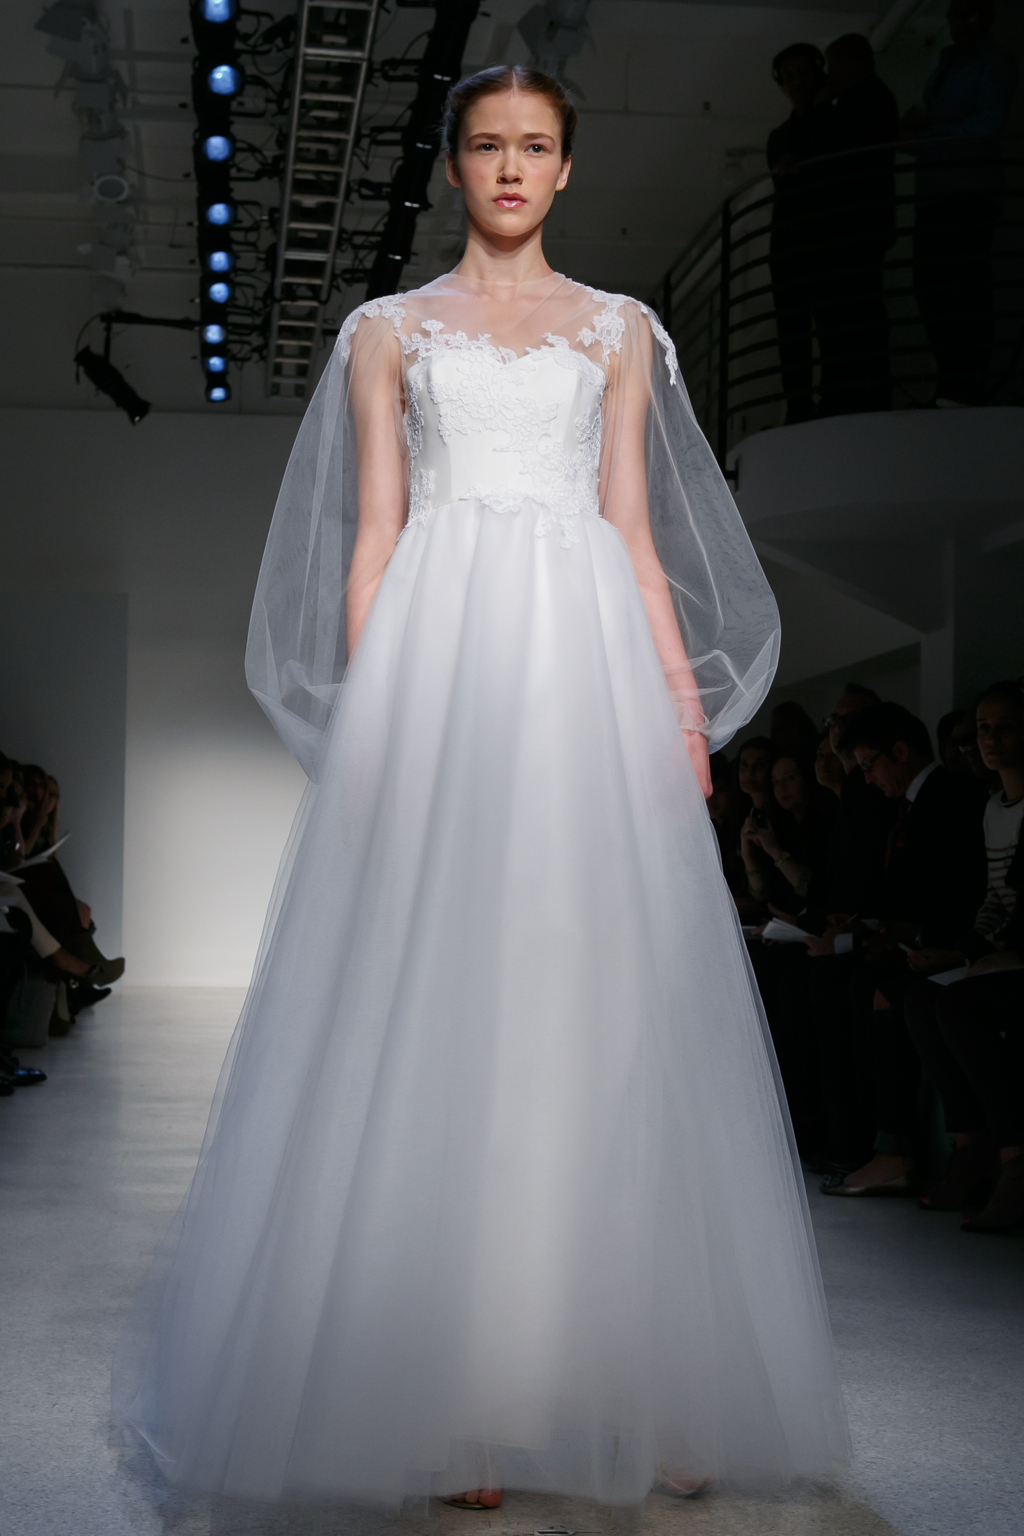 Fall-2013-wedding-dress-by-christos-amsale-bridal-8.full